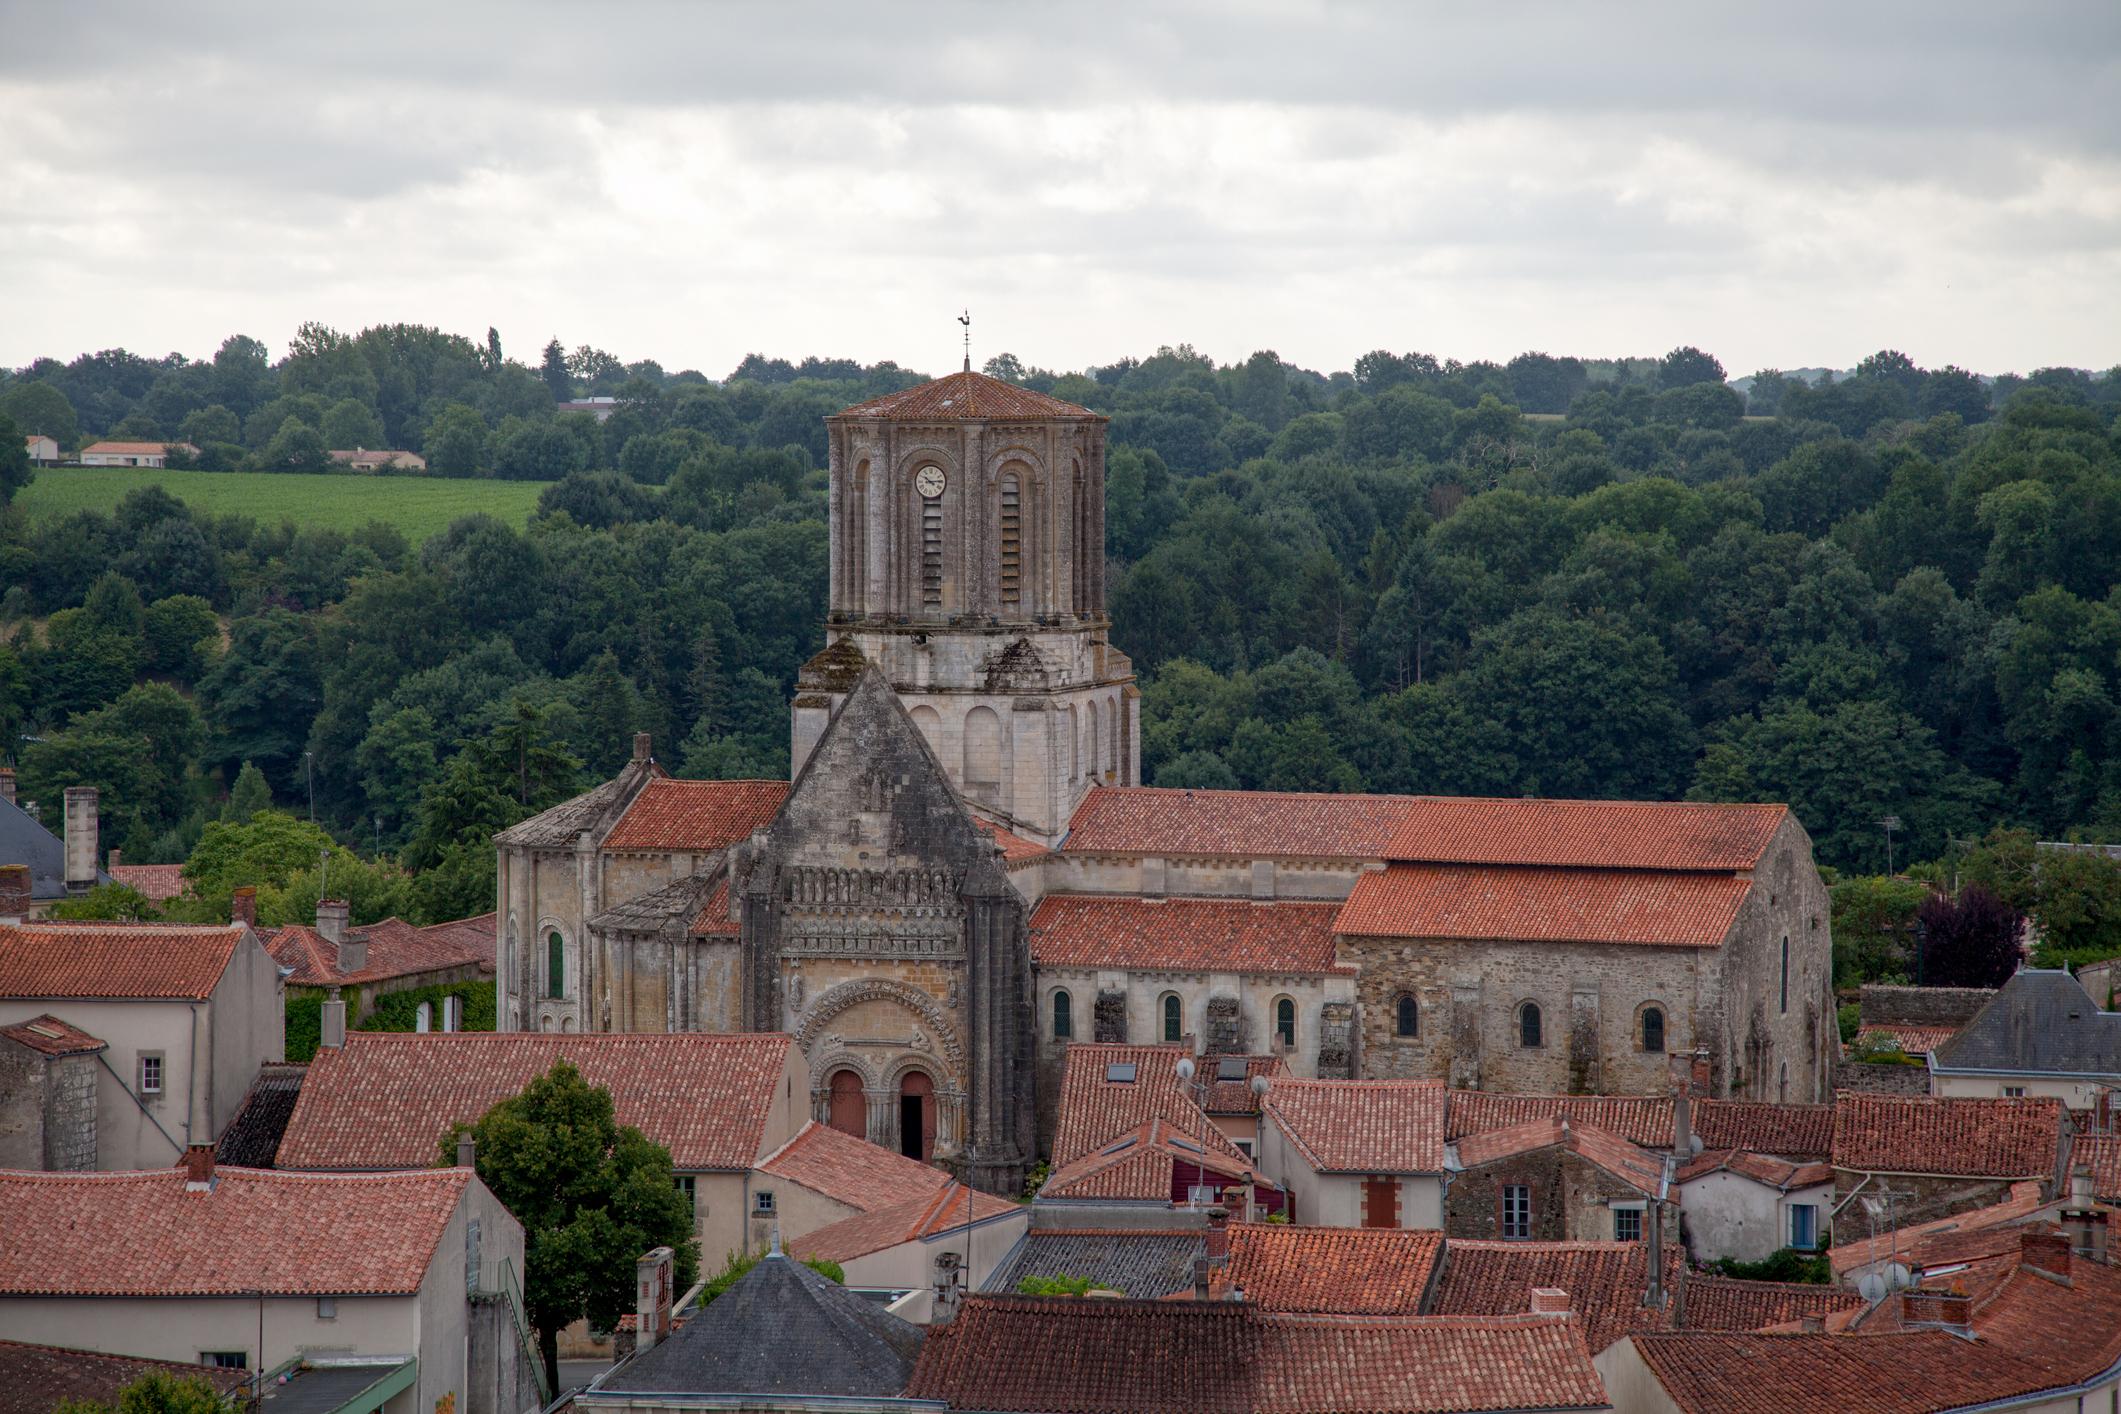 The church of Notre-Dame-de-l'Assomption de Vouvant is a Catholic church located in Vouvant, in the department of Vendée, in Pays de la Loire region.